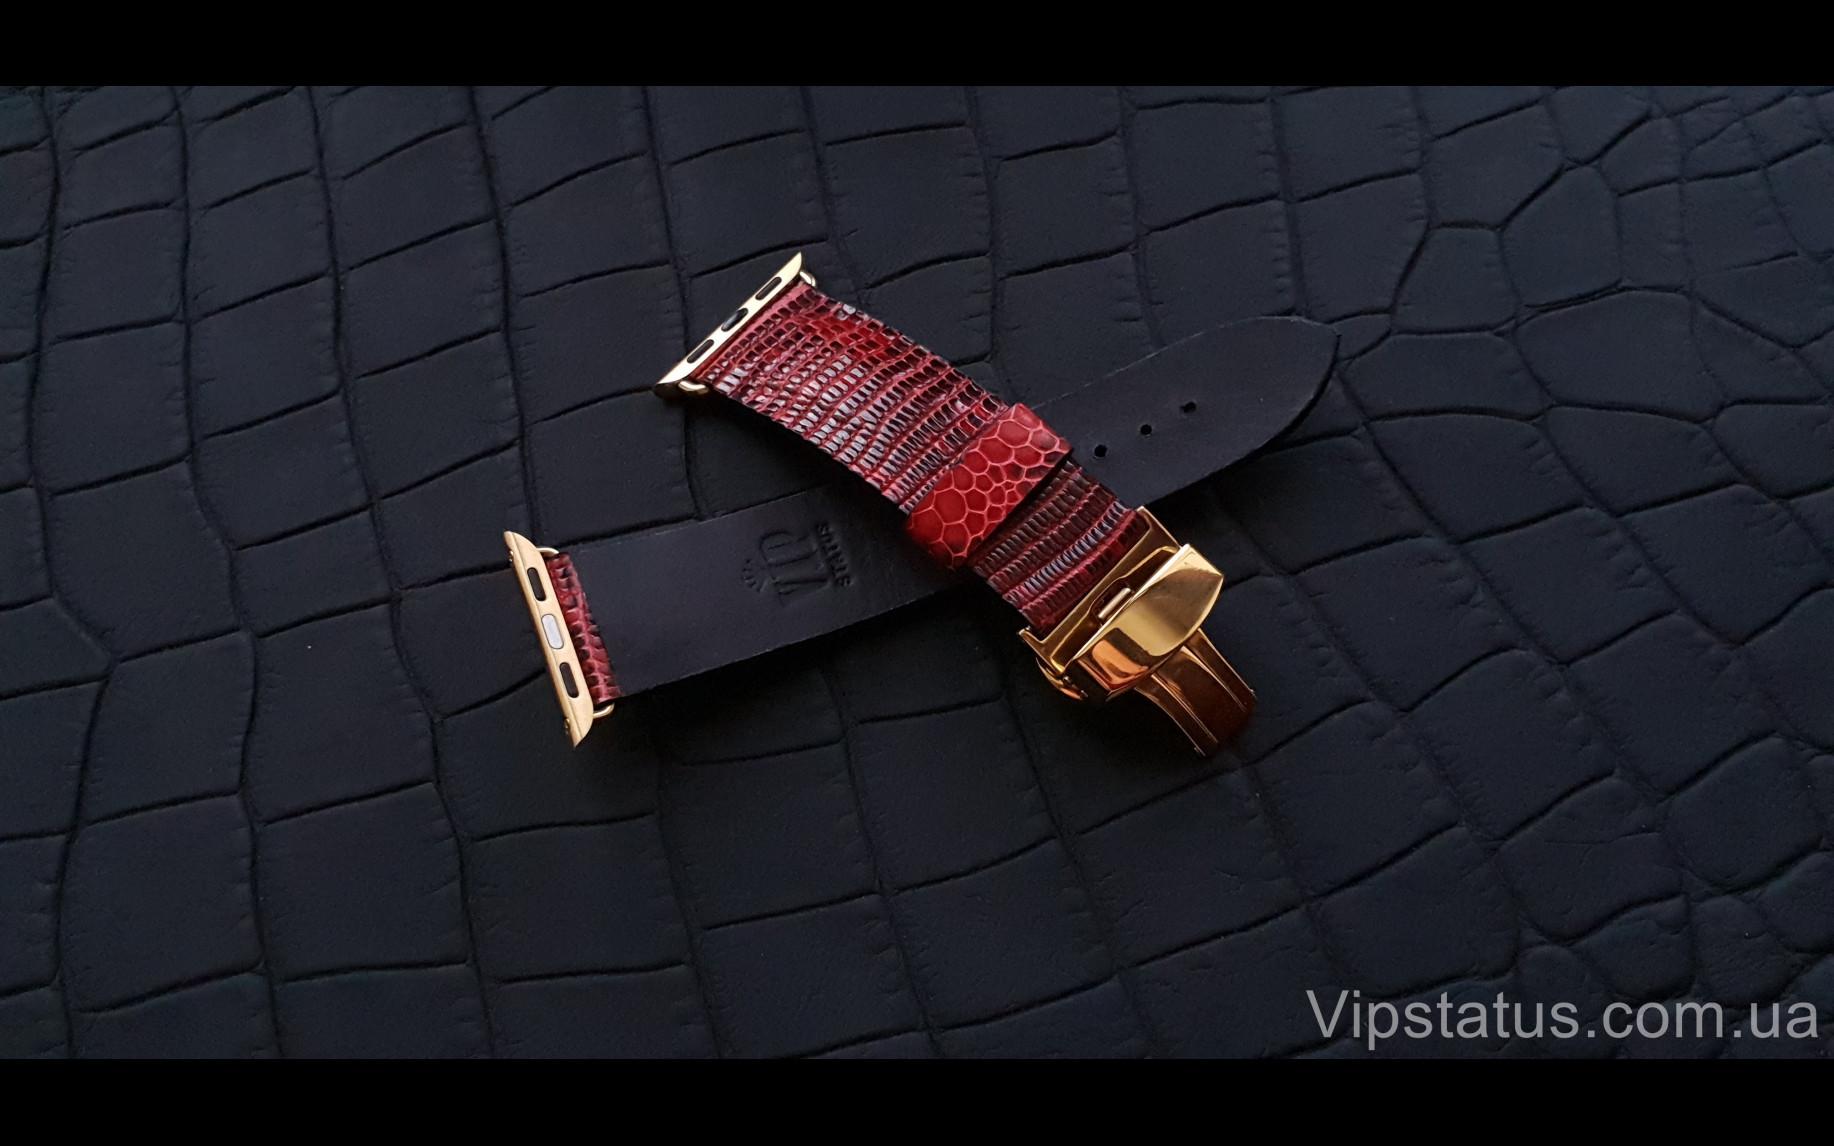 Элитный Эксклюзивный ремешок для часов Apple кожа игуаны Эксклюзивный ремешок для часов Apple кожа игуаны изображение 3